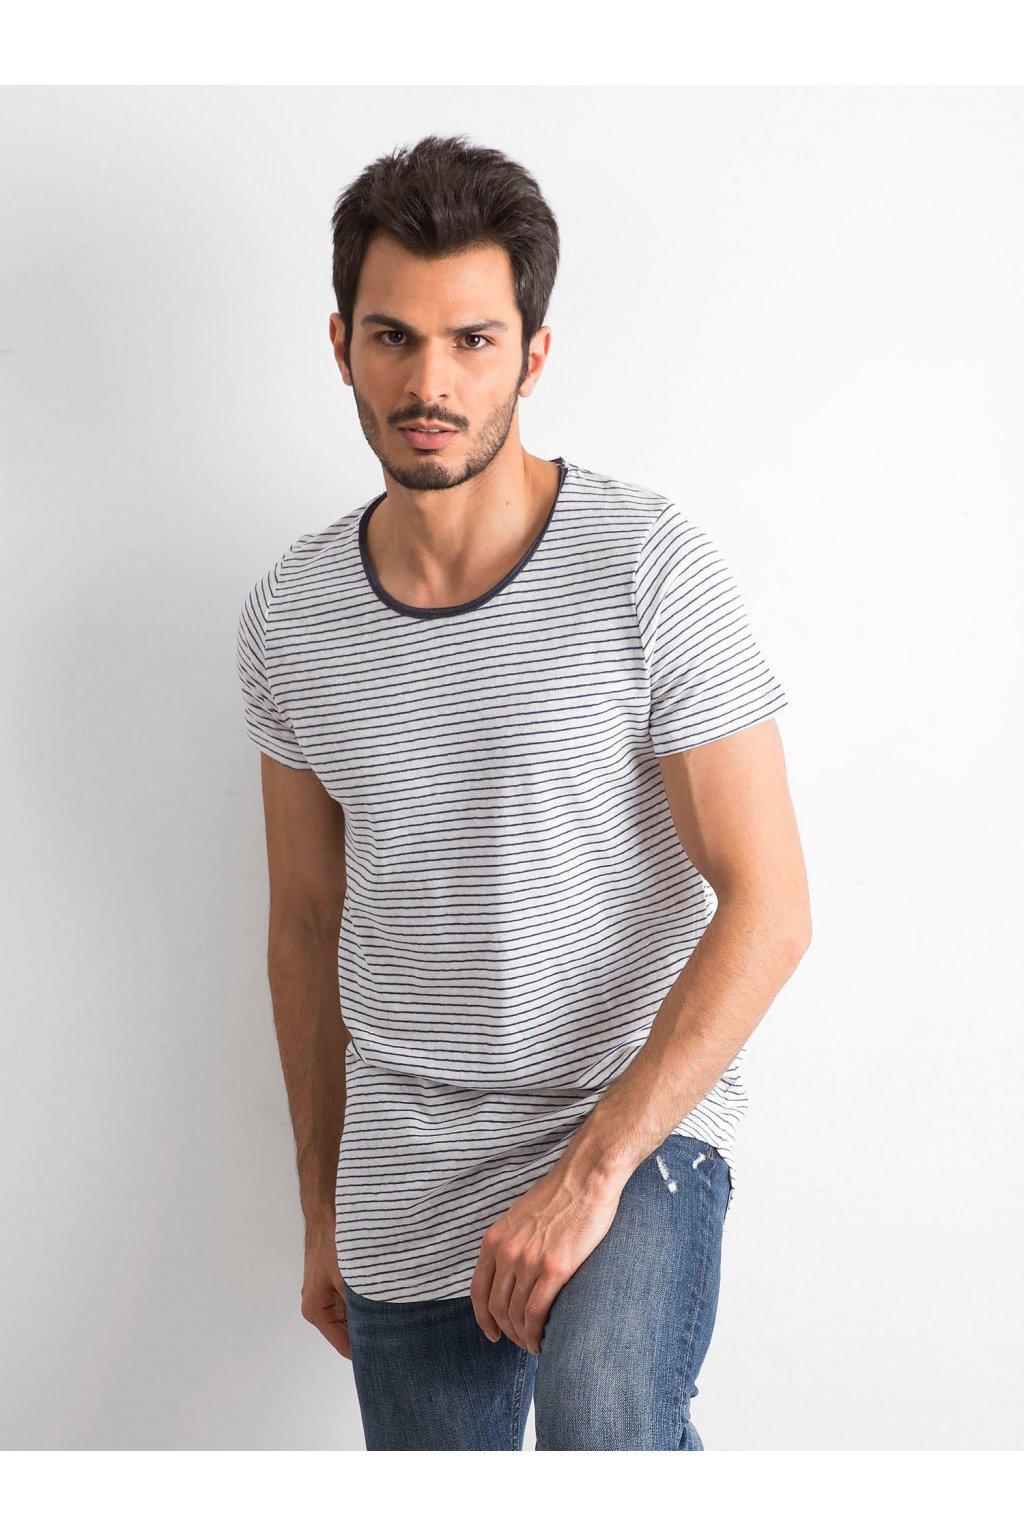 Tričko t-shirt kód M019Y03048311